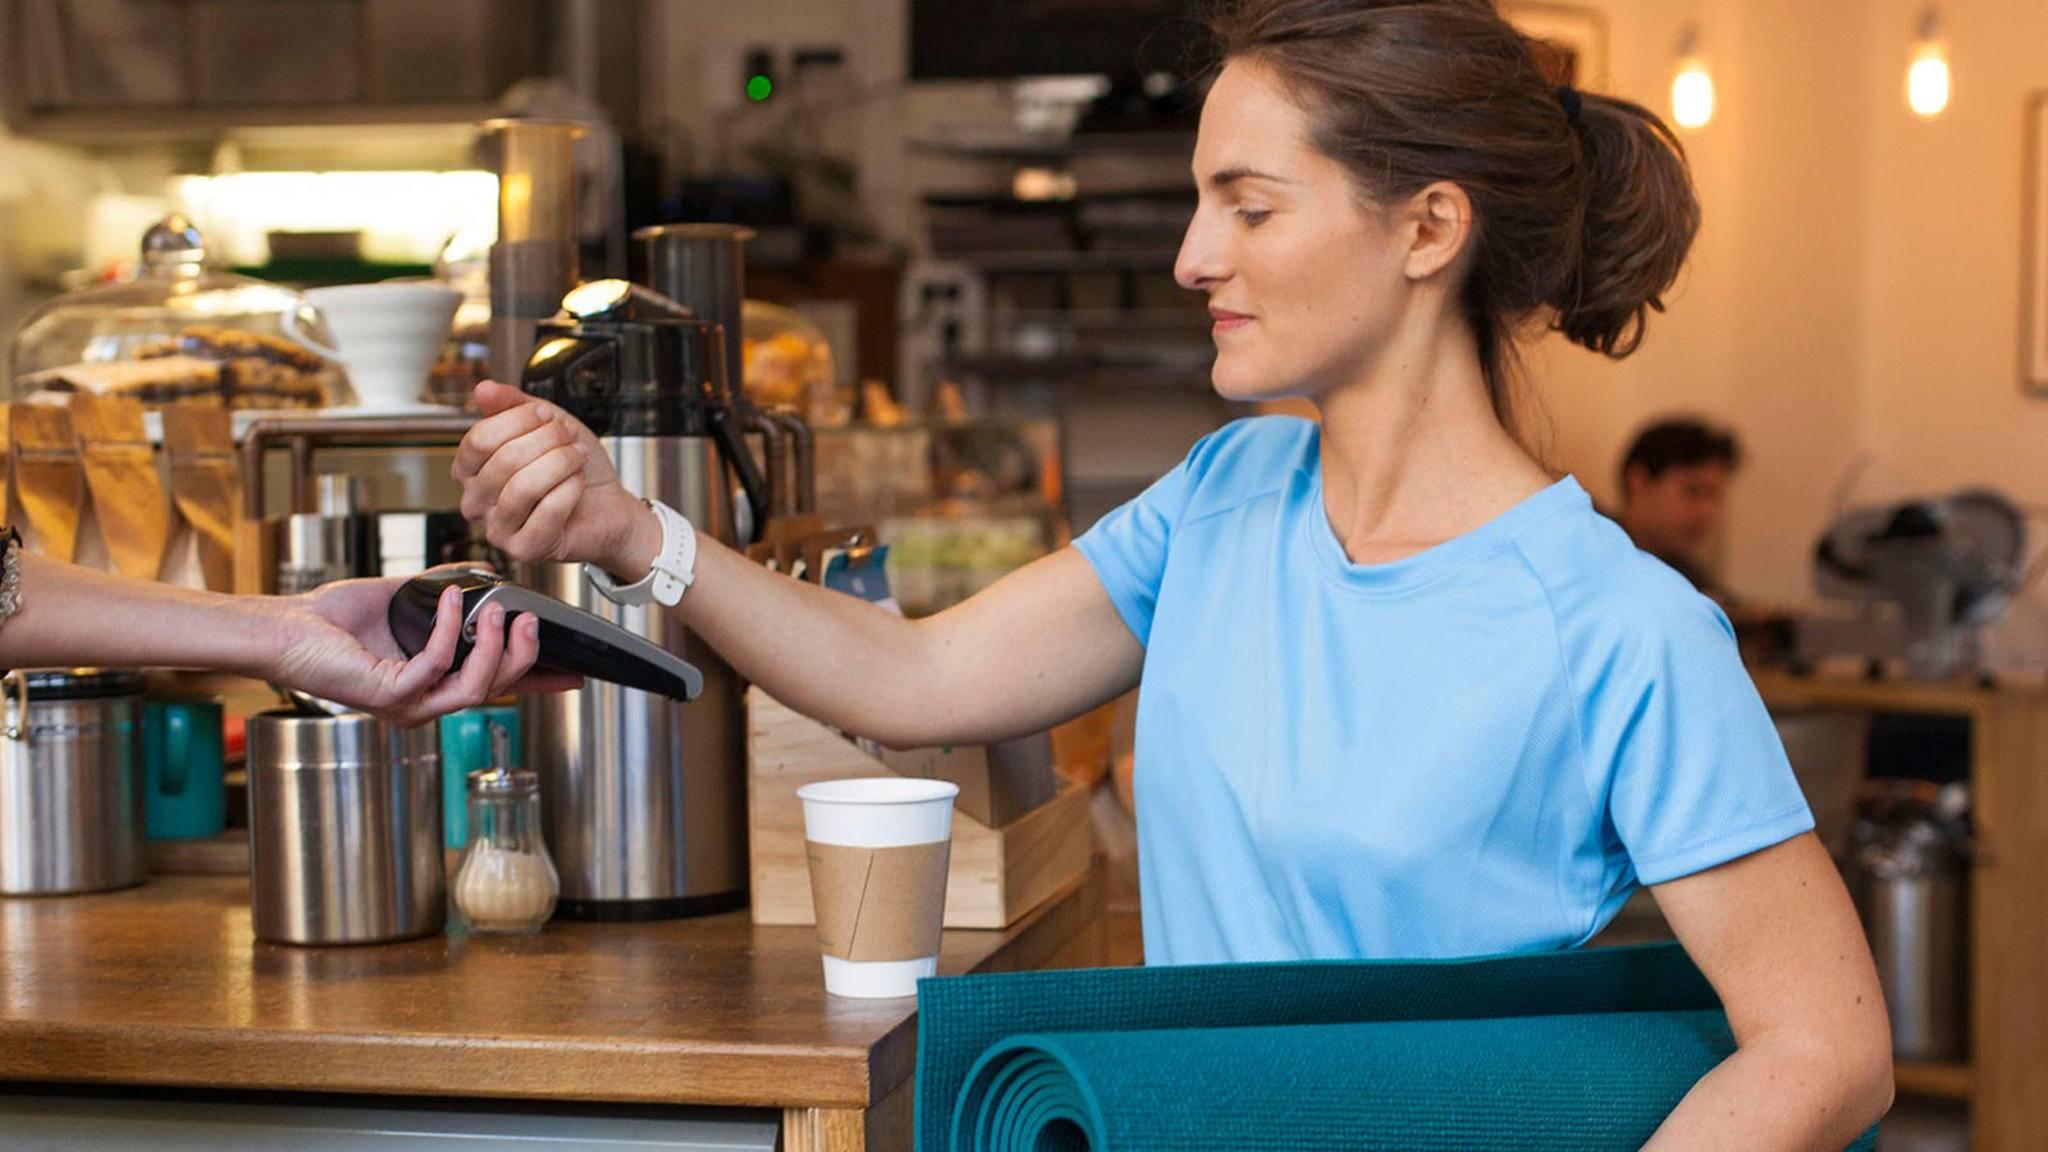 Ab sofort können Garmin-Kunden auch in Deutschland kontaktlos bezahlen.